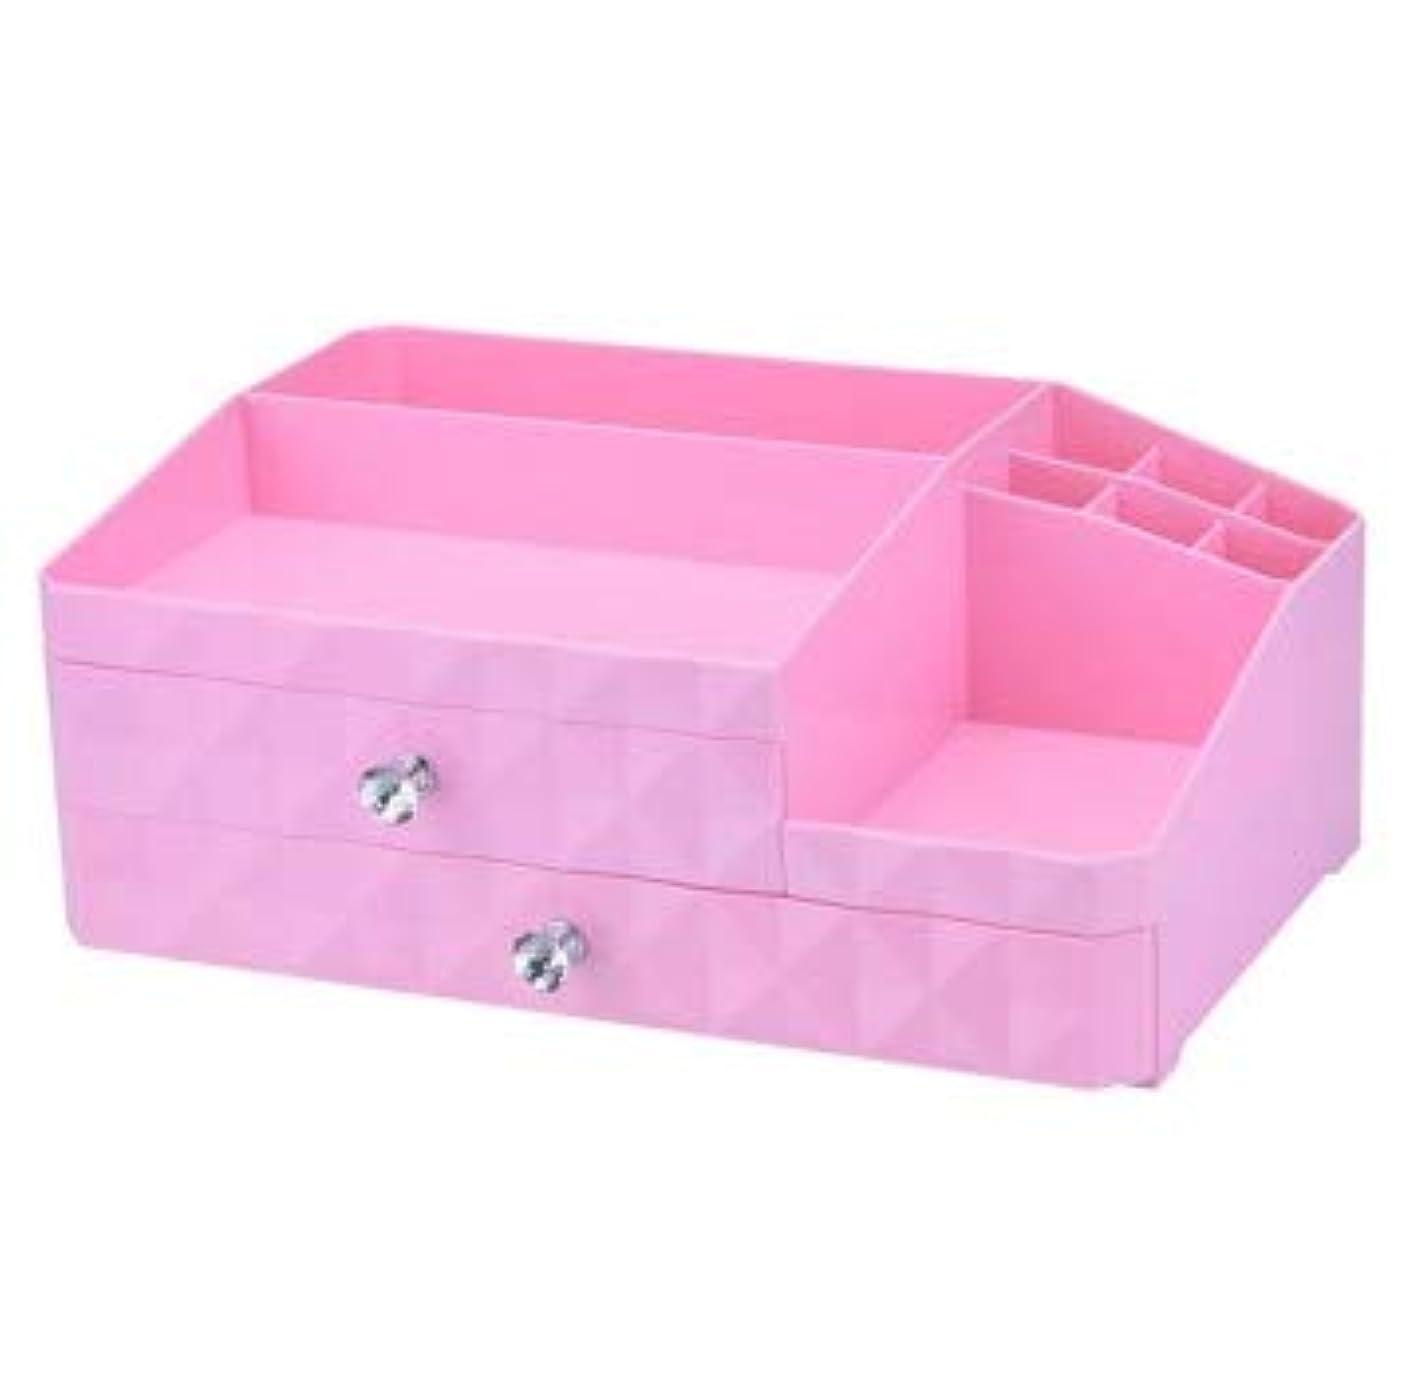 機密おくるくるデスクトップジュエリーボックス引き出し化粧品収納ボックス三層プラスチック仕上げボックス (Color : ピンク)